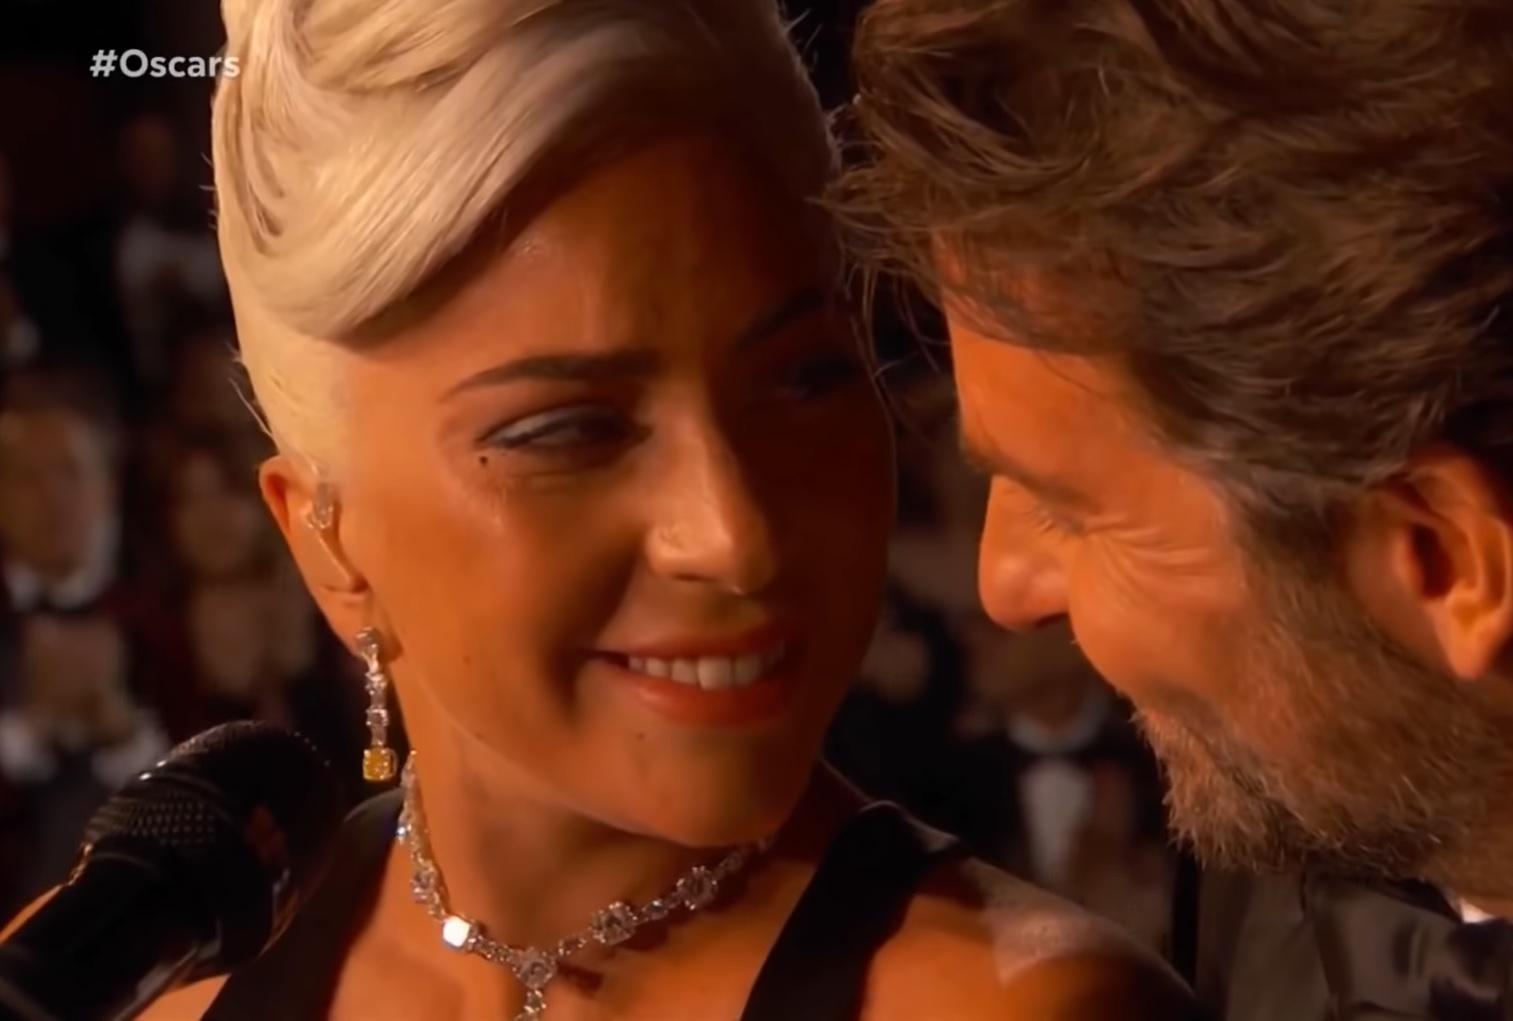 Lady Gaga y Bradley Cooper protagonizaron uno de los momentos más emotivos de la gala de los Premios Óscar. (Foto Prensa Libre: YouTube)